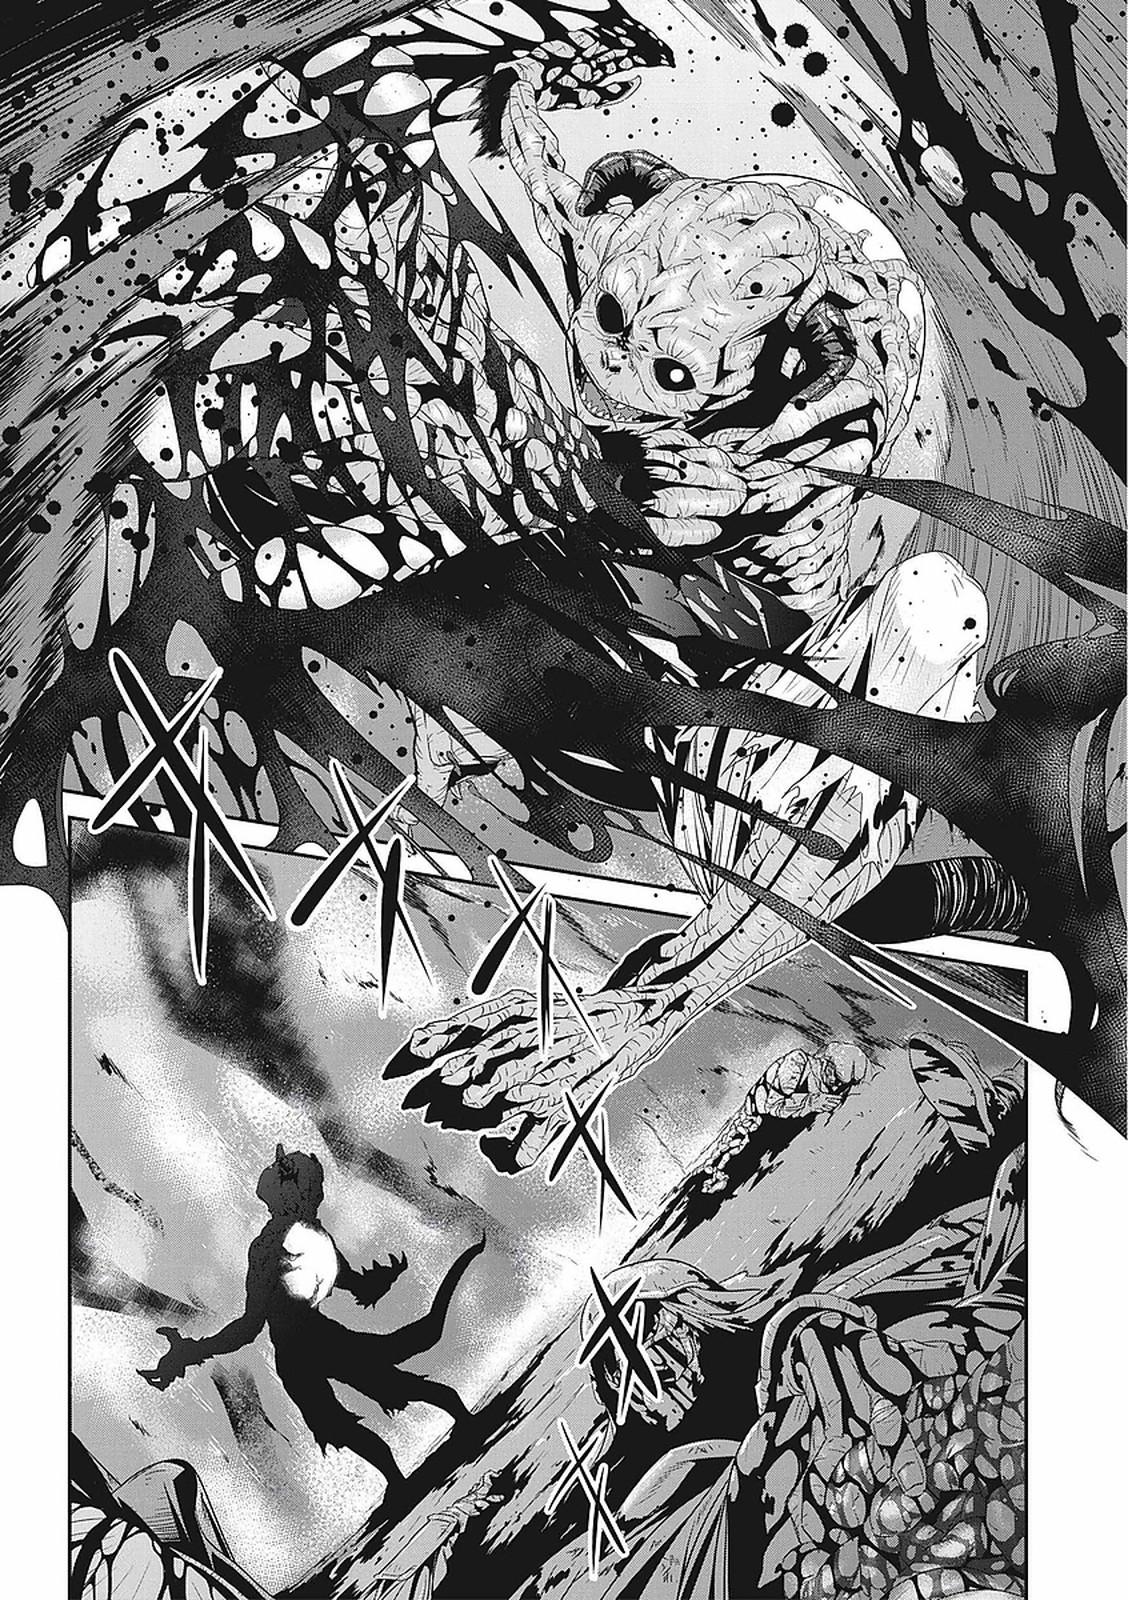 【エロ漫画】(1/2話)ゴブリンに強襲された女たち…四肢を切断され内臓モロ出しな鬼畜拷問で絶命www【朱江士朗:淫玩戯画1】